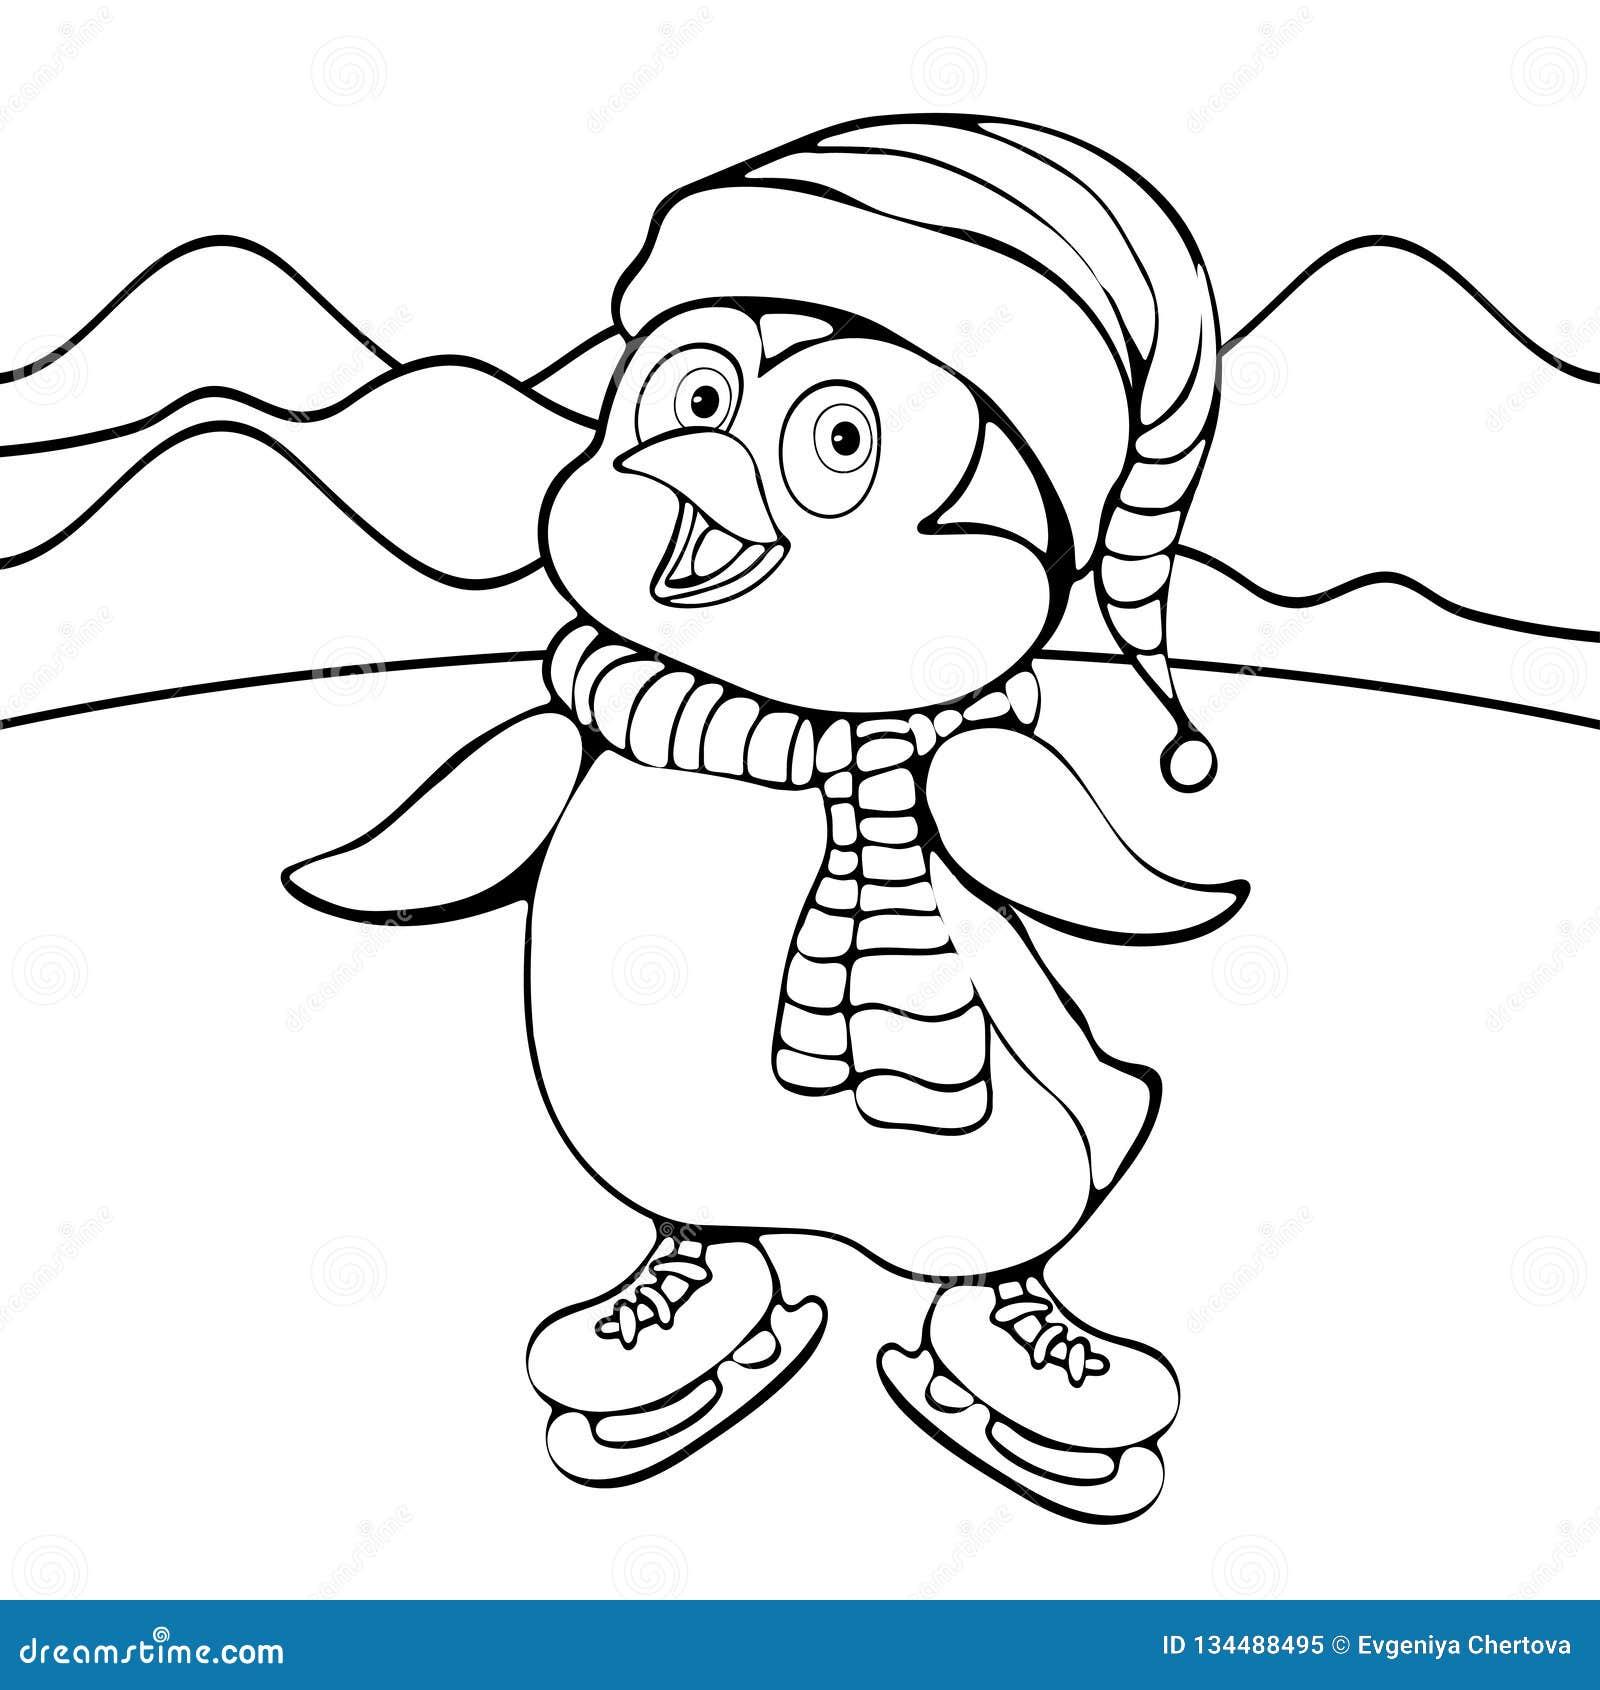 Disegno Lineare Della Mano Del Pinguino Personaggio Dei Cartoni